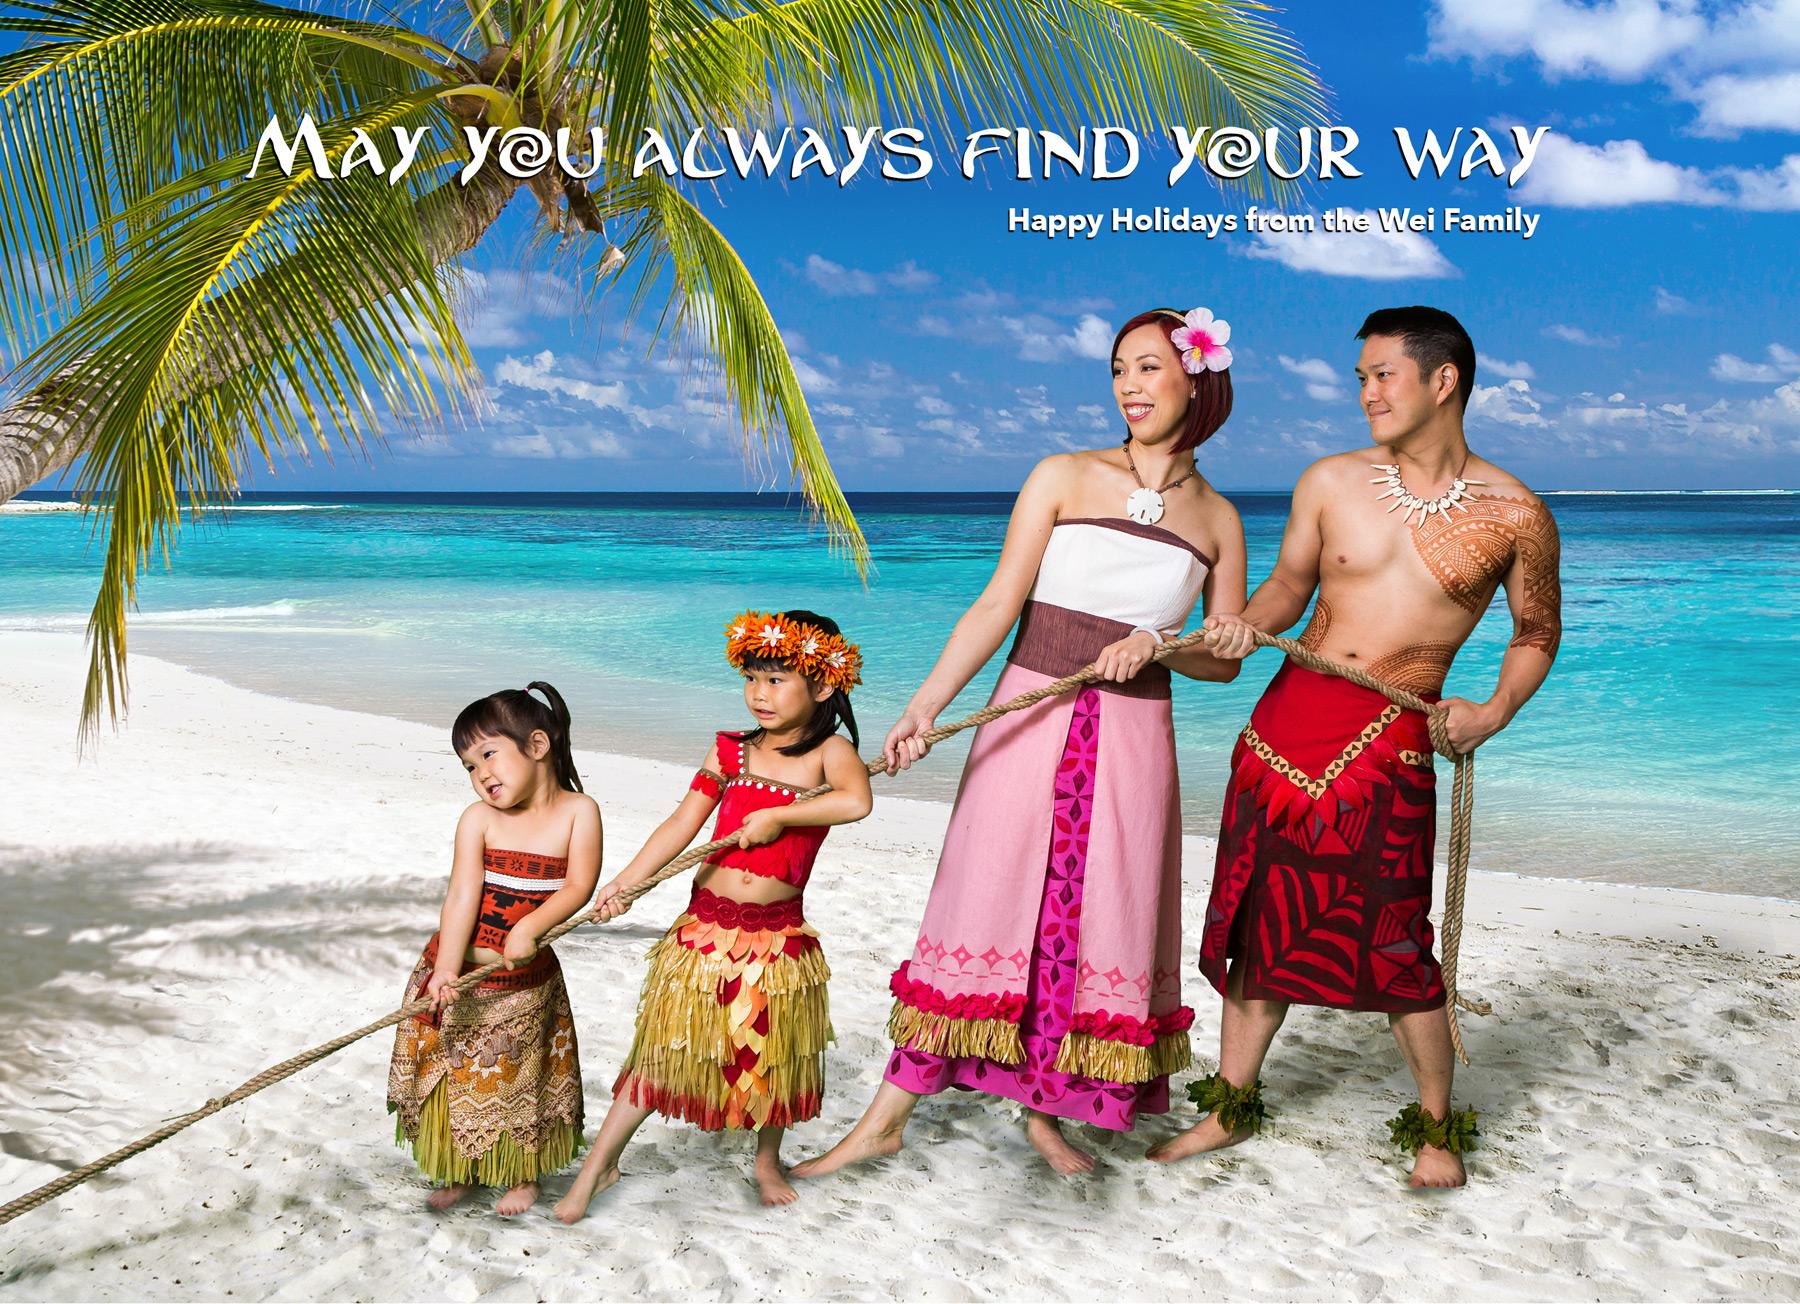 Moana Holiday Card